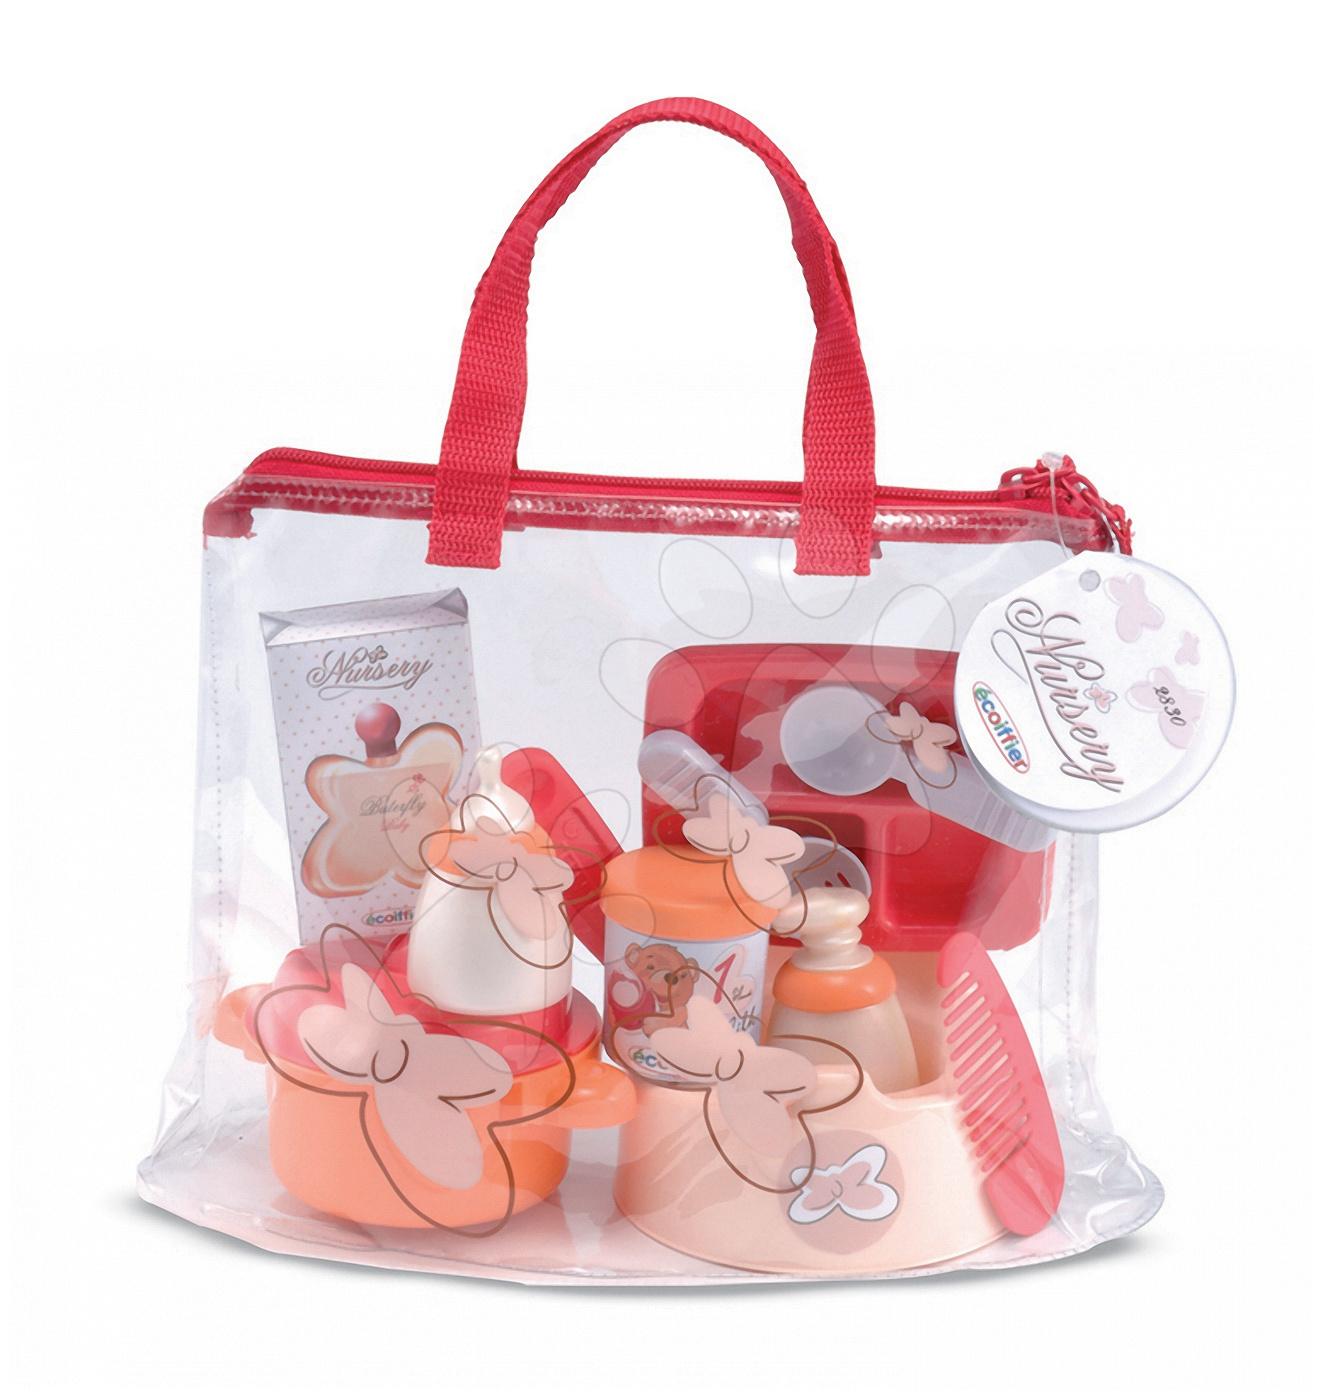 Prebaľovacia súprava pre bábiku Nursery Écoiffier v taške s doplnkami od 18 mes